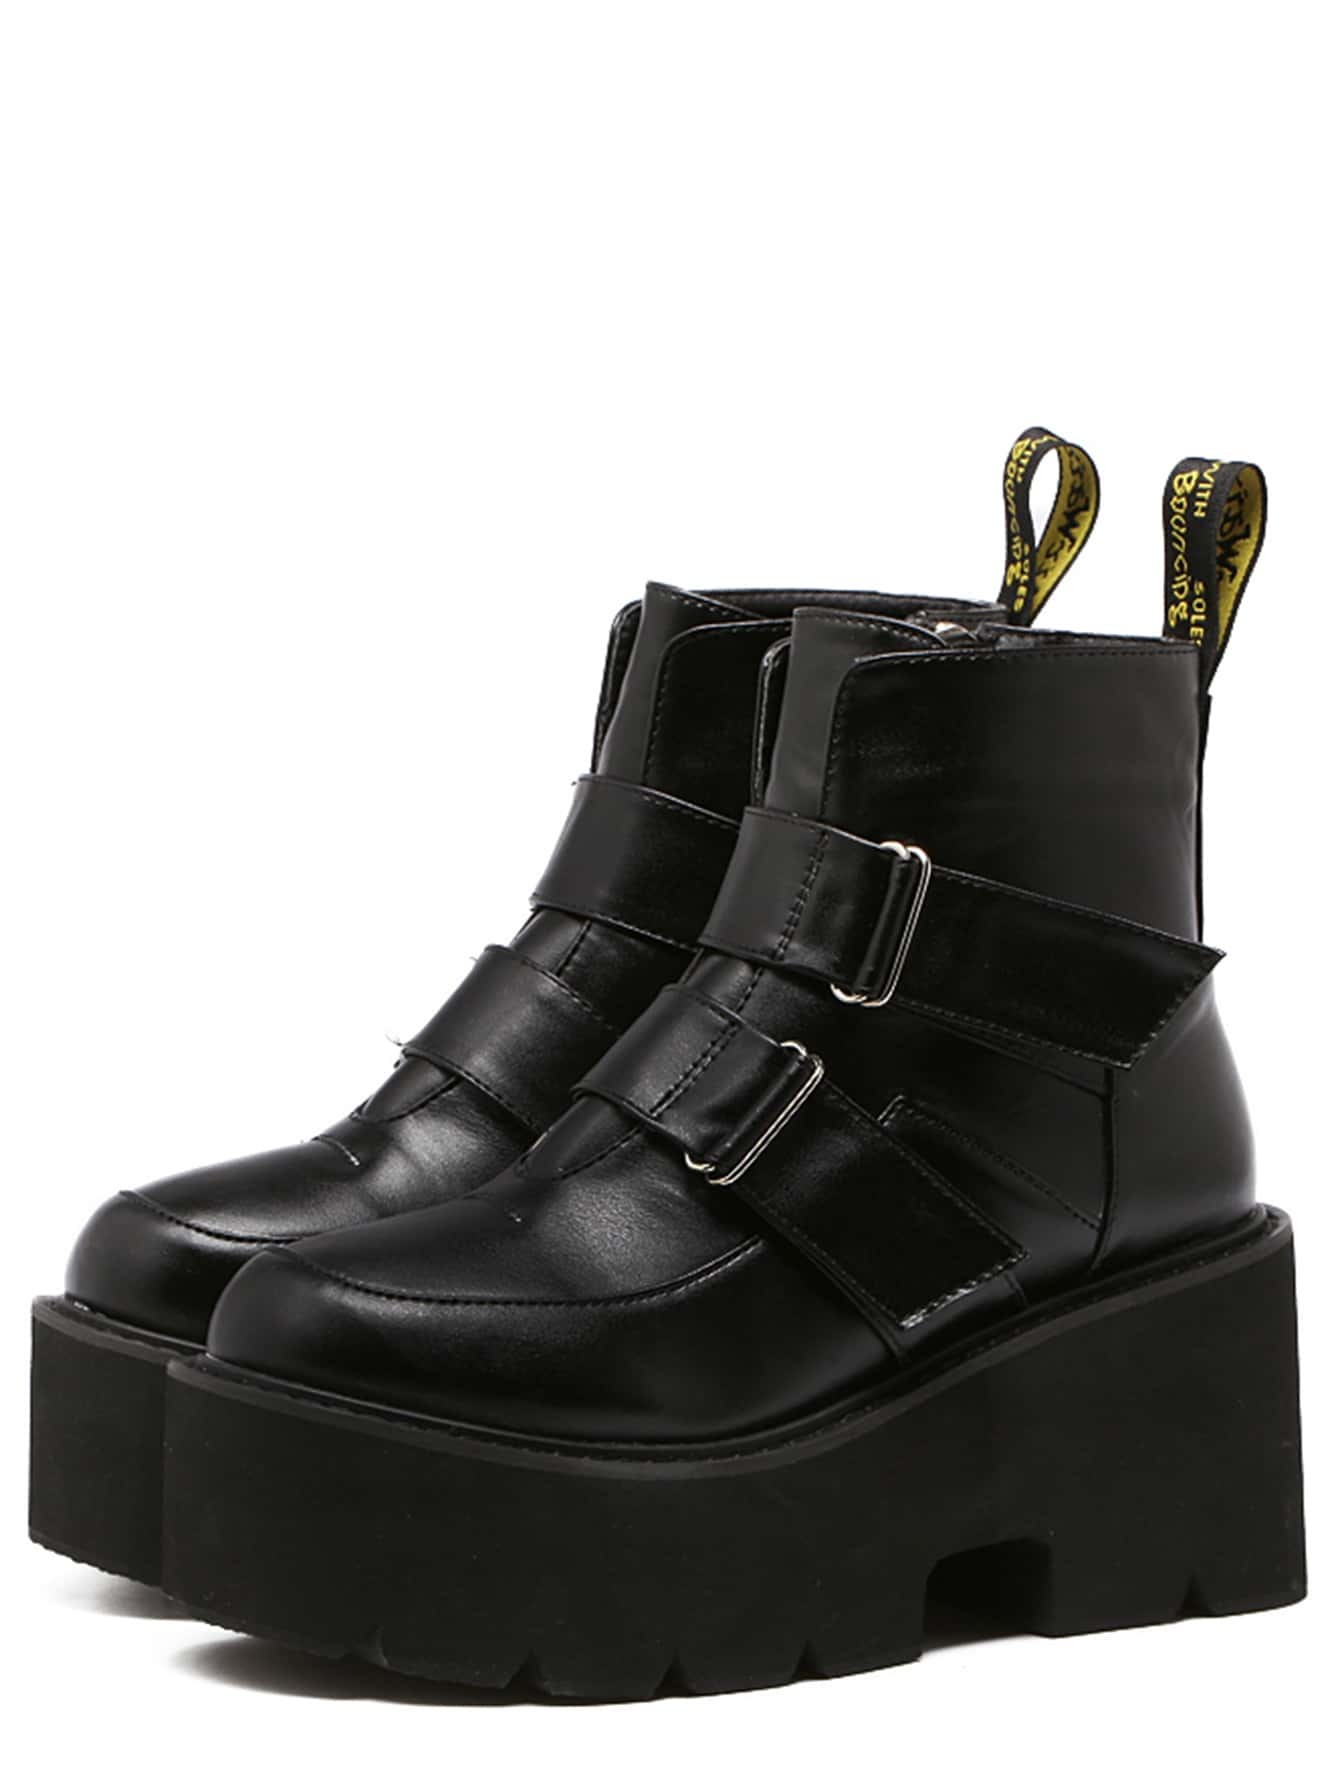 shoes161006802_2